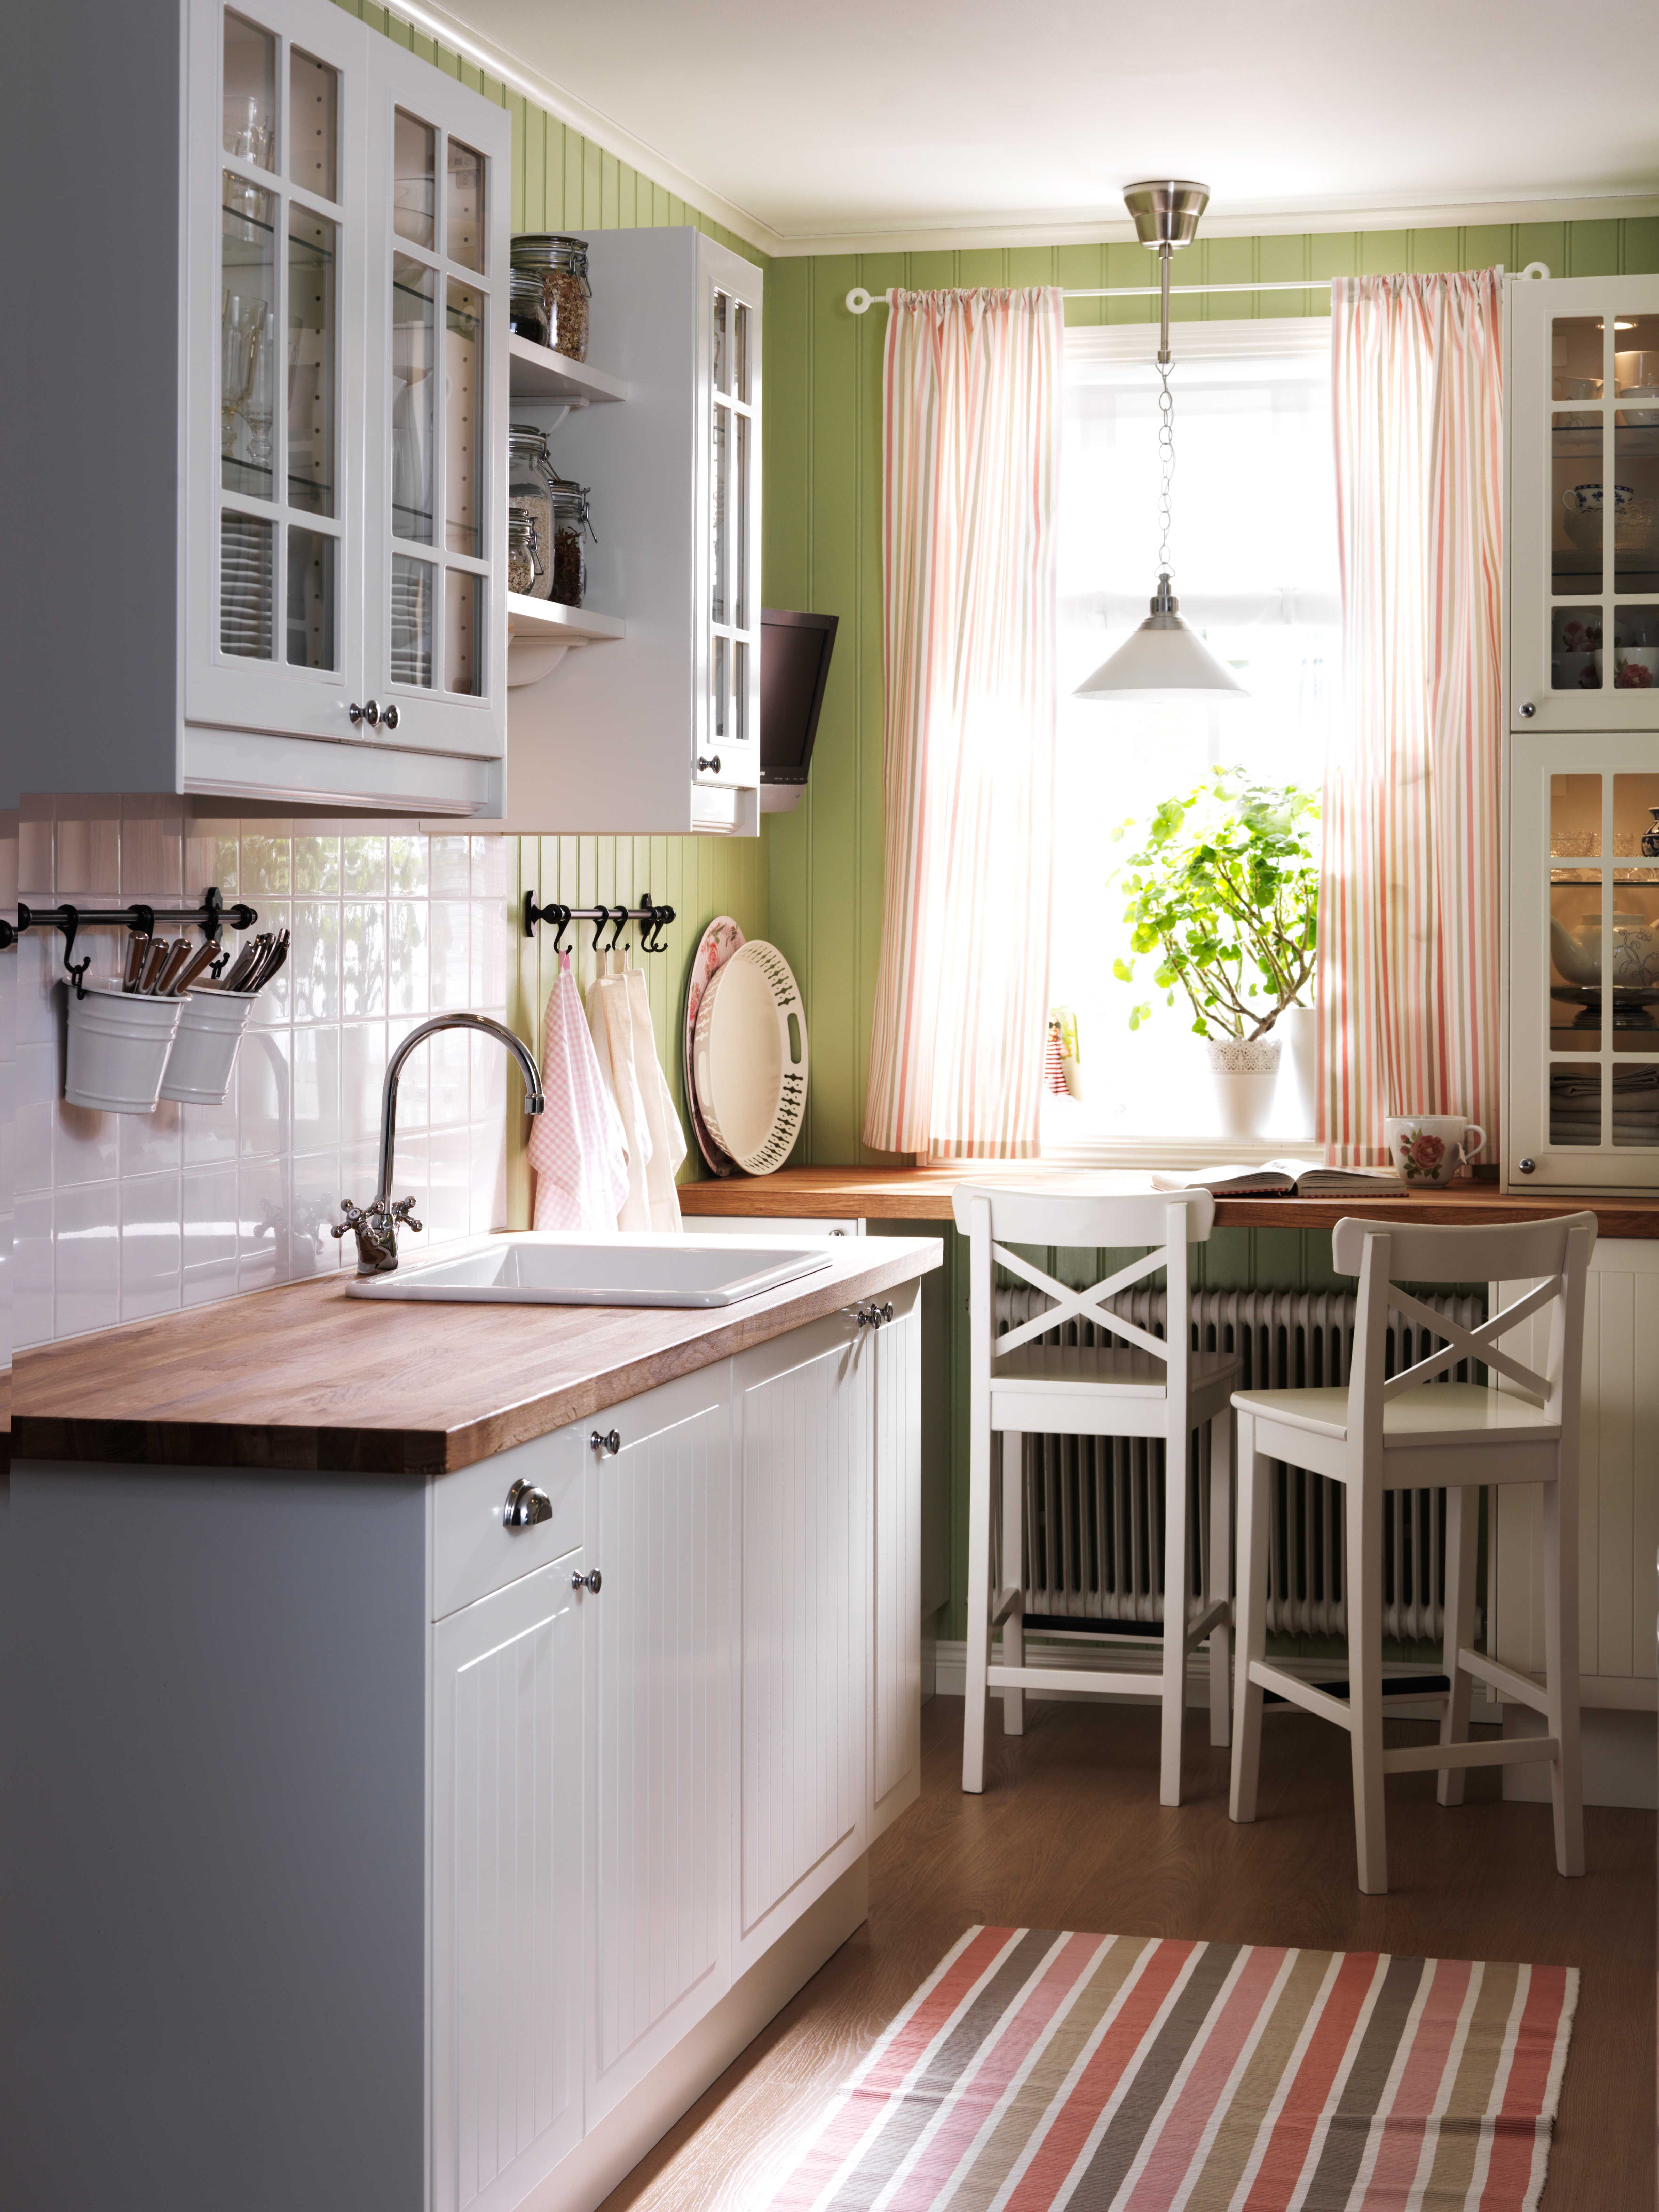 kuchenherd im landhausstil design ideen holz, landhaus küche weiß ikea | das brillant moderne landhausküche weiß, Design ideen